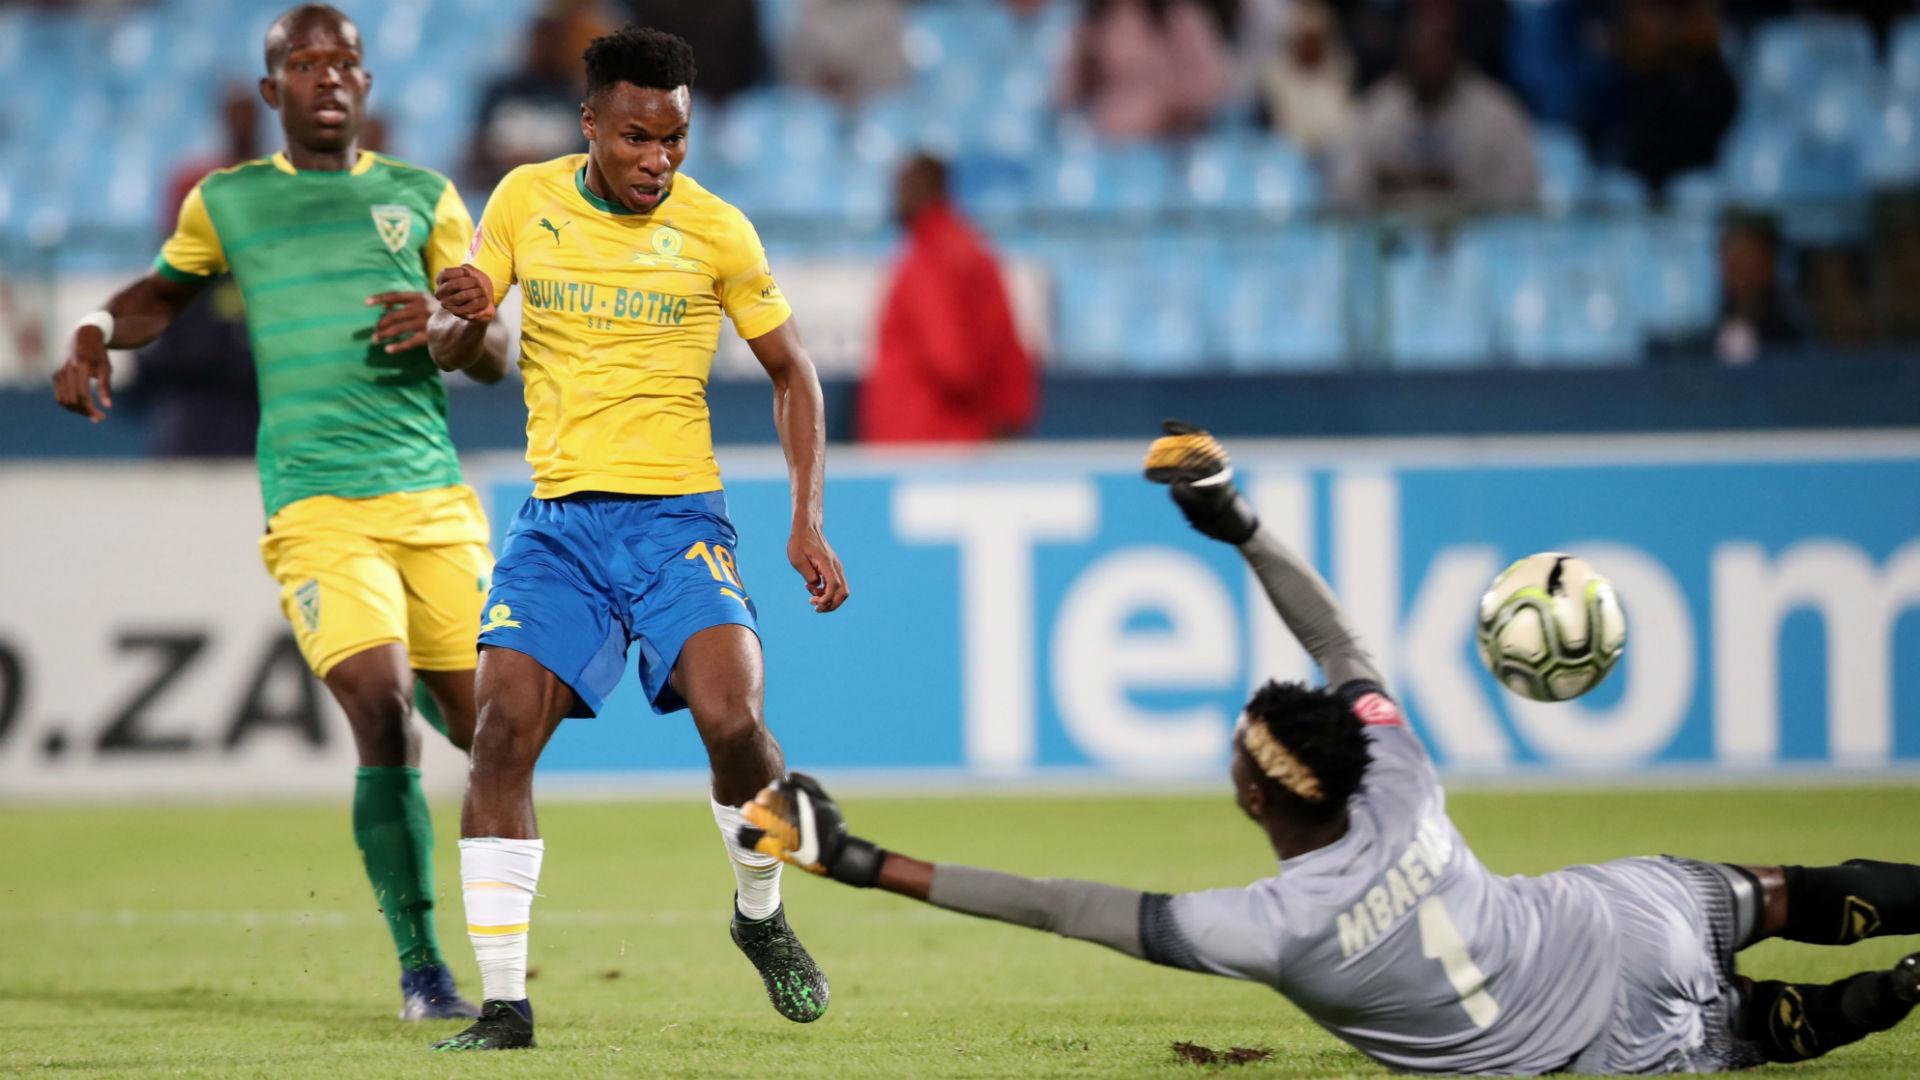 Themba Zwane, Sundowns & Maximilian Mbaeva, Golden Arrows, May 2019